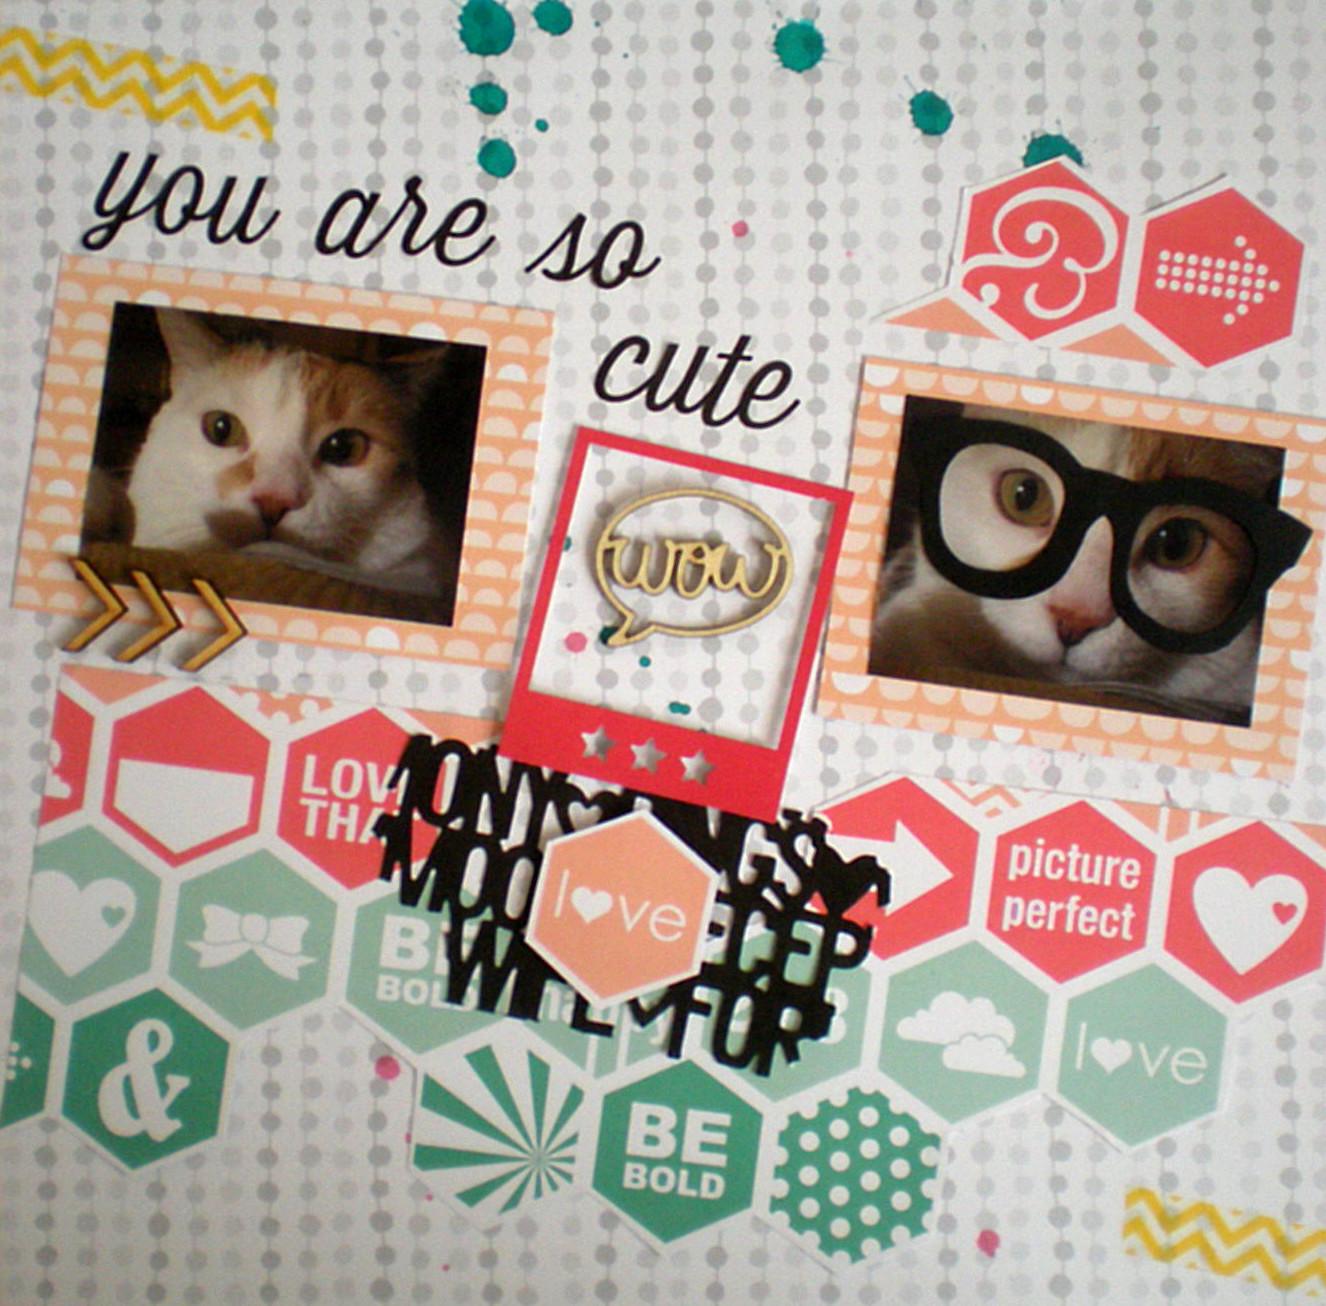 LO - You are so cute!!!